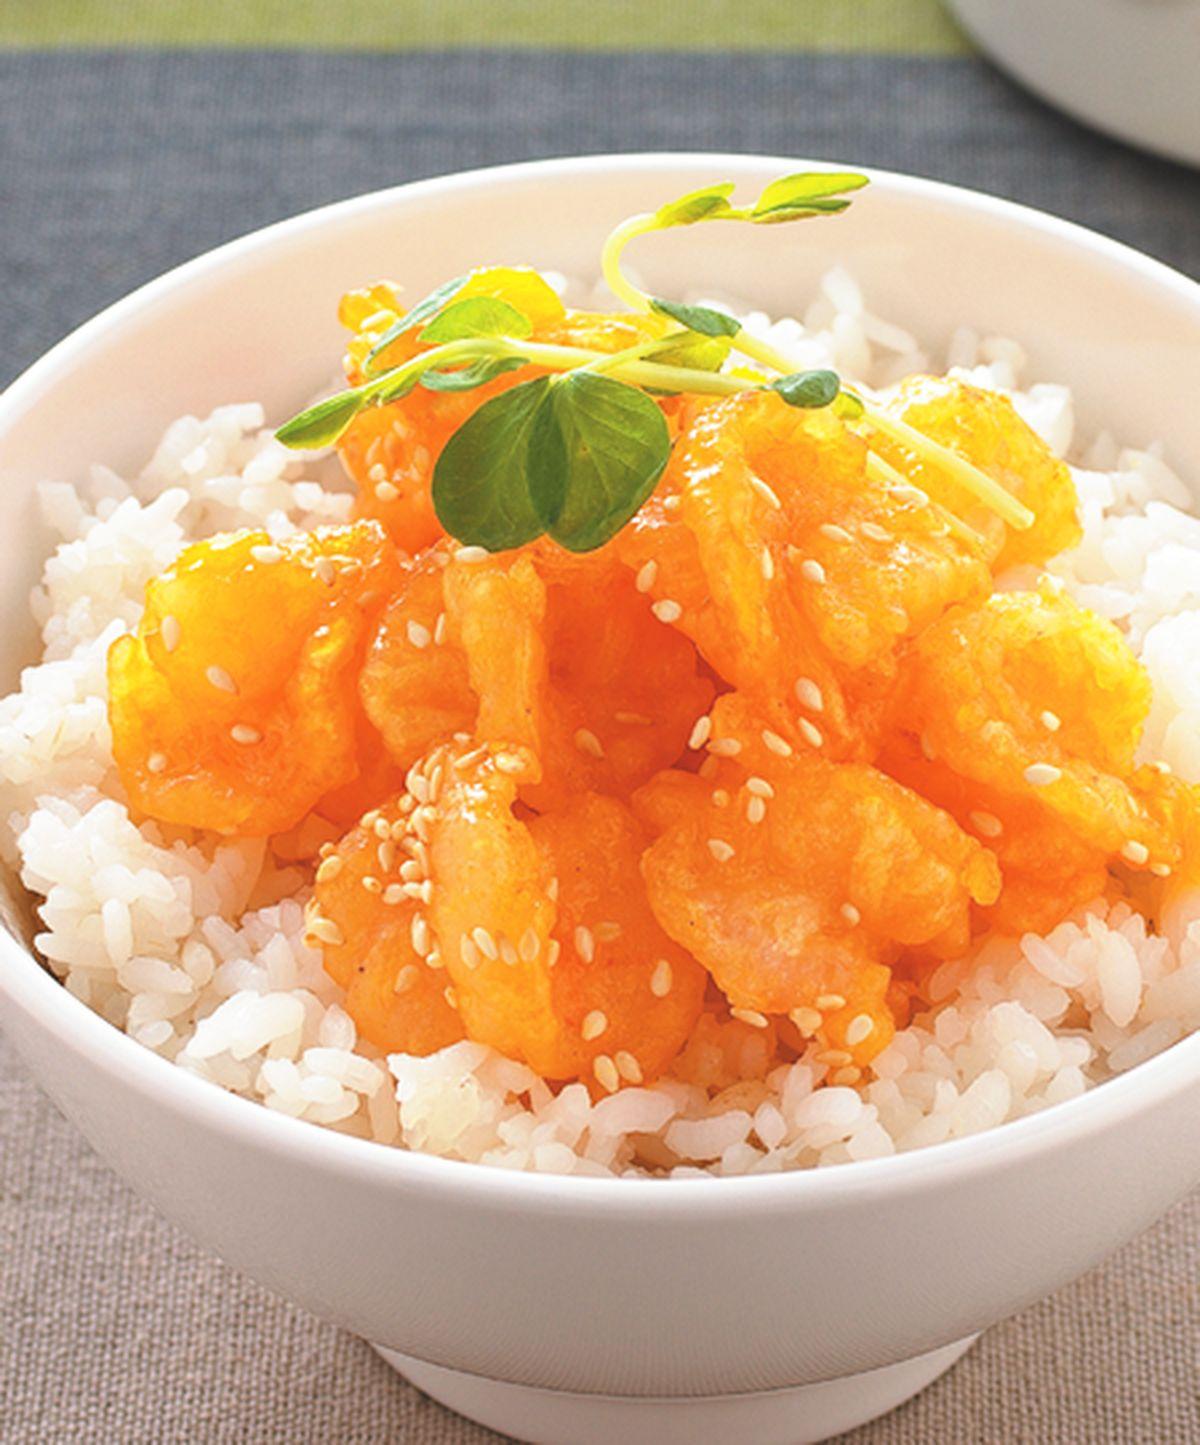 食譜:橙汁蝦球蓋飯